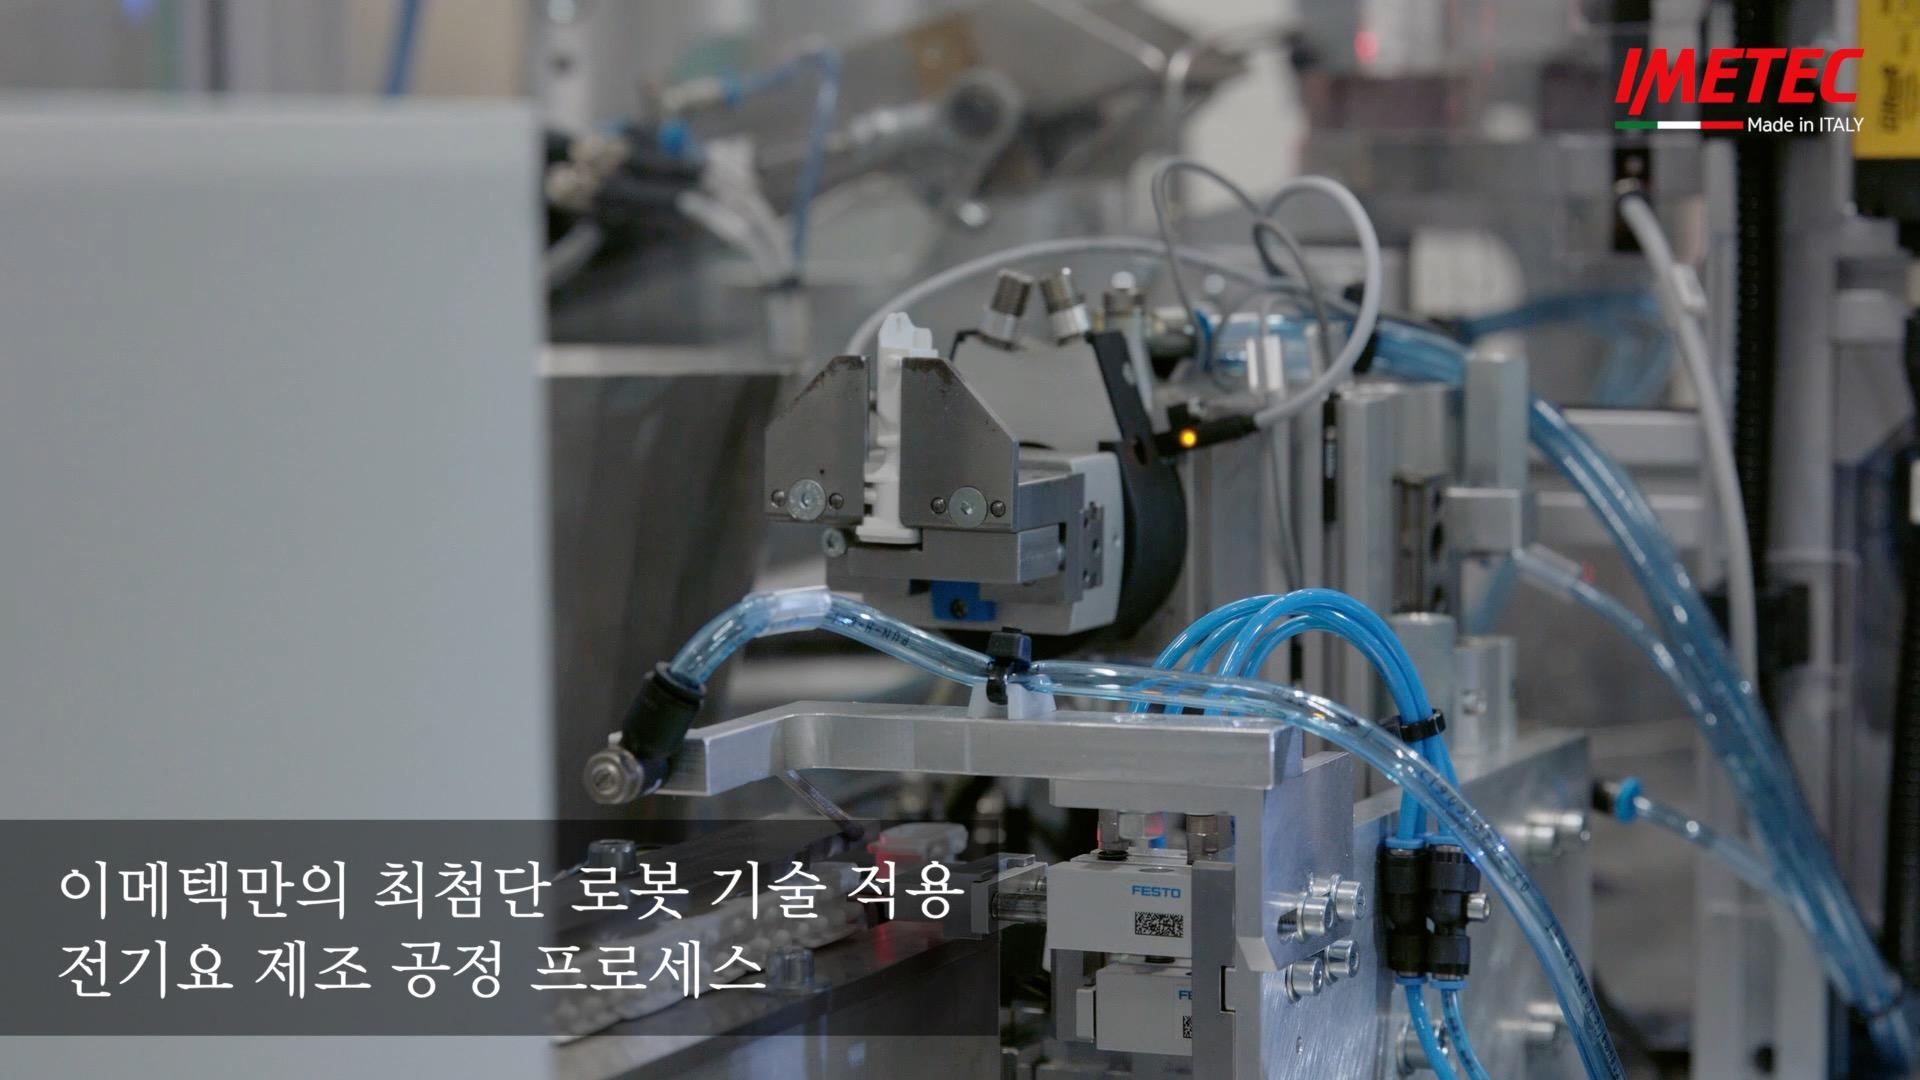 이메텍 최첨단 로봇기술 적용 전기요 제조 공정 😉